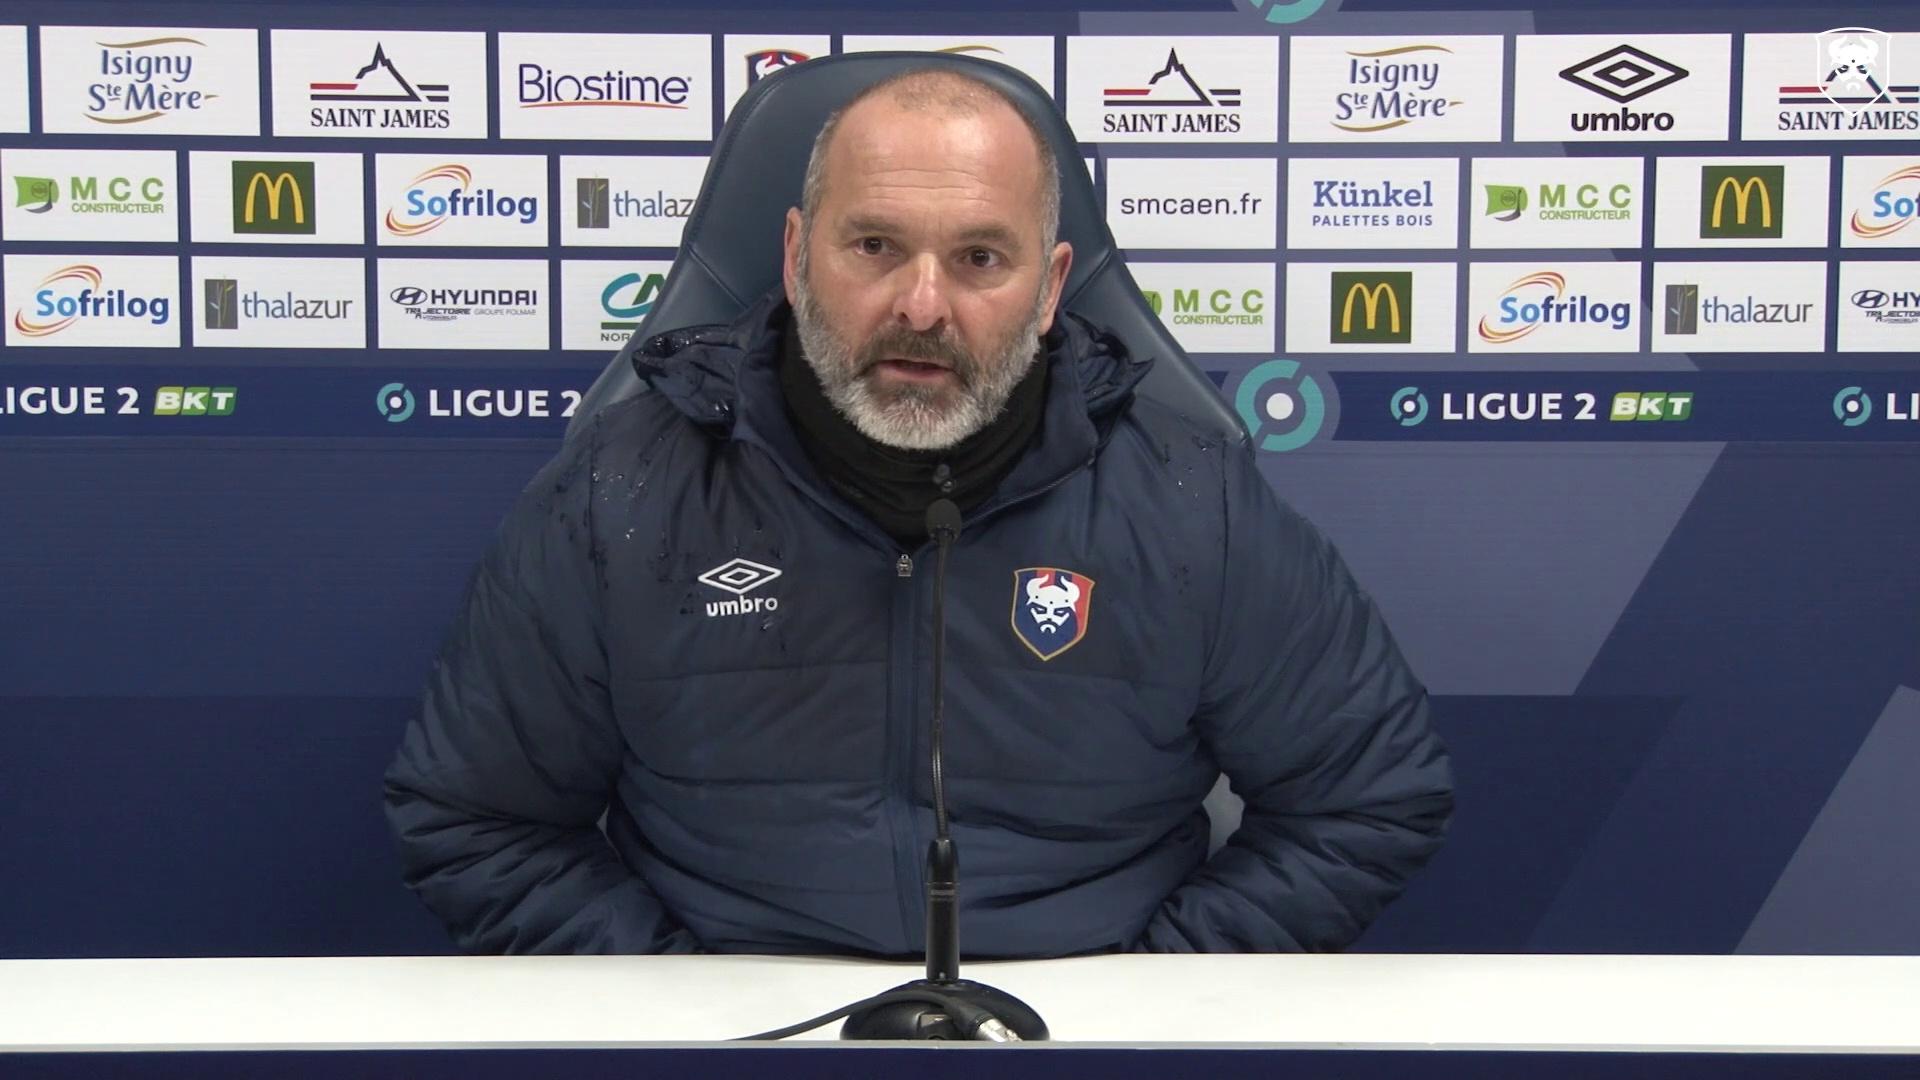 J18 Ligue 2 BKT : La conférence de presse avant AJ Auxerre / SMCaen